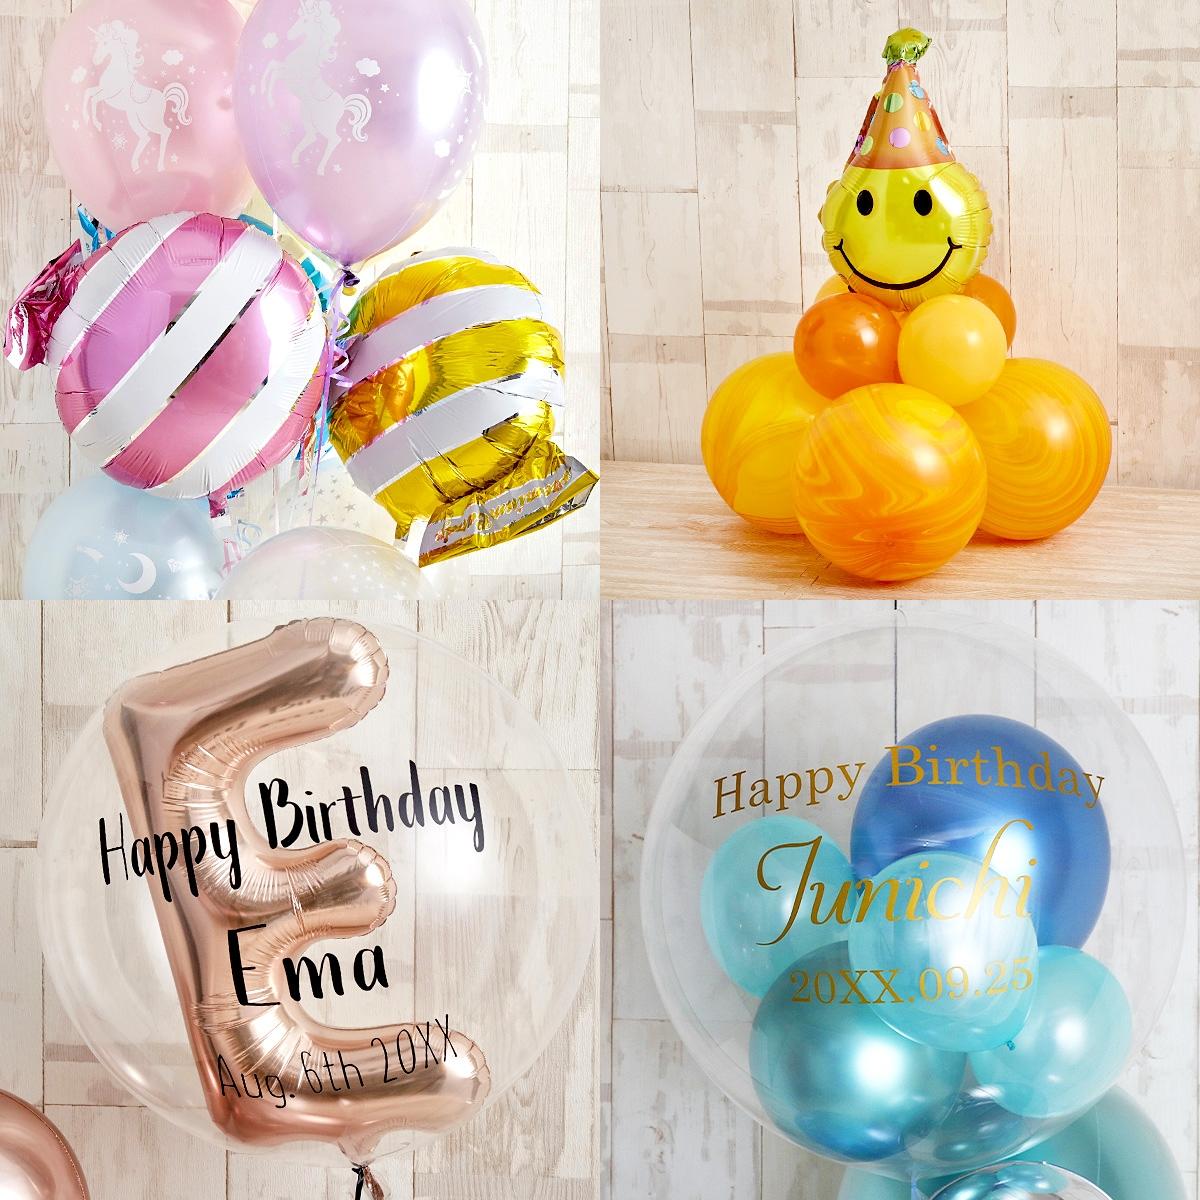 【バルーンの種類別】お誕生日プレゼントにオススメバルーンギフト